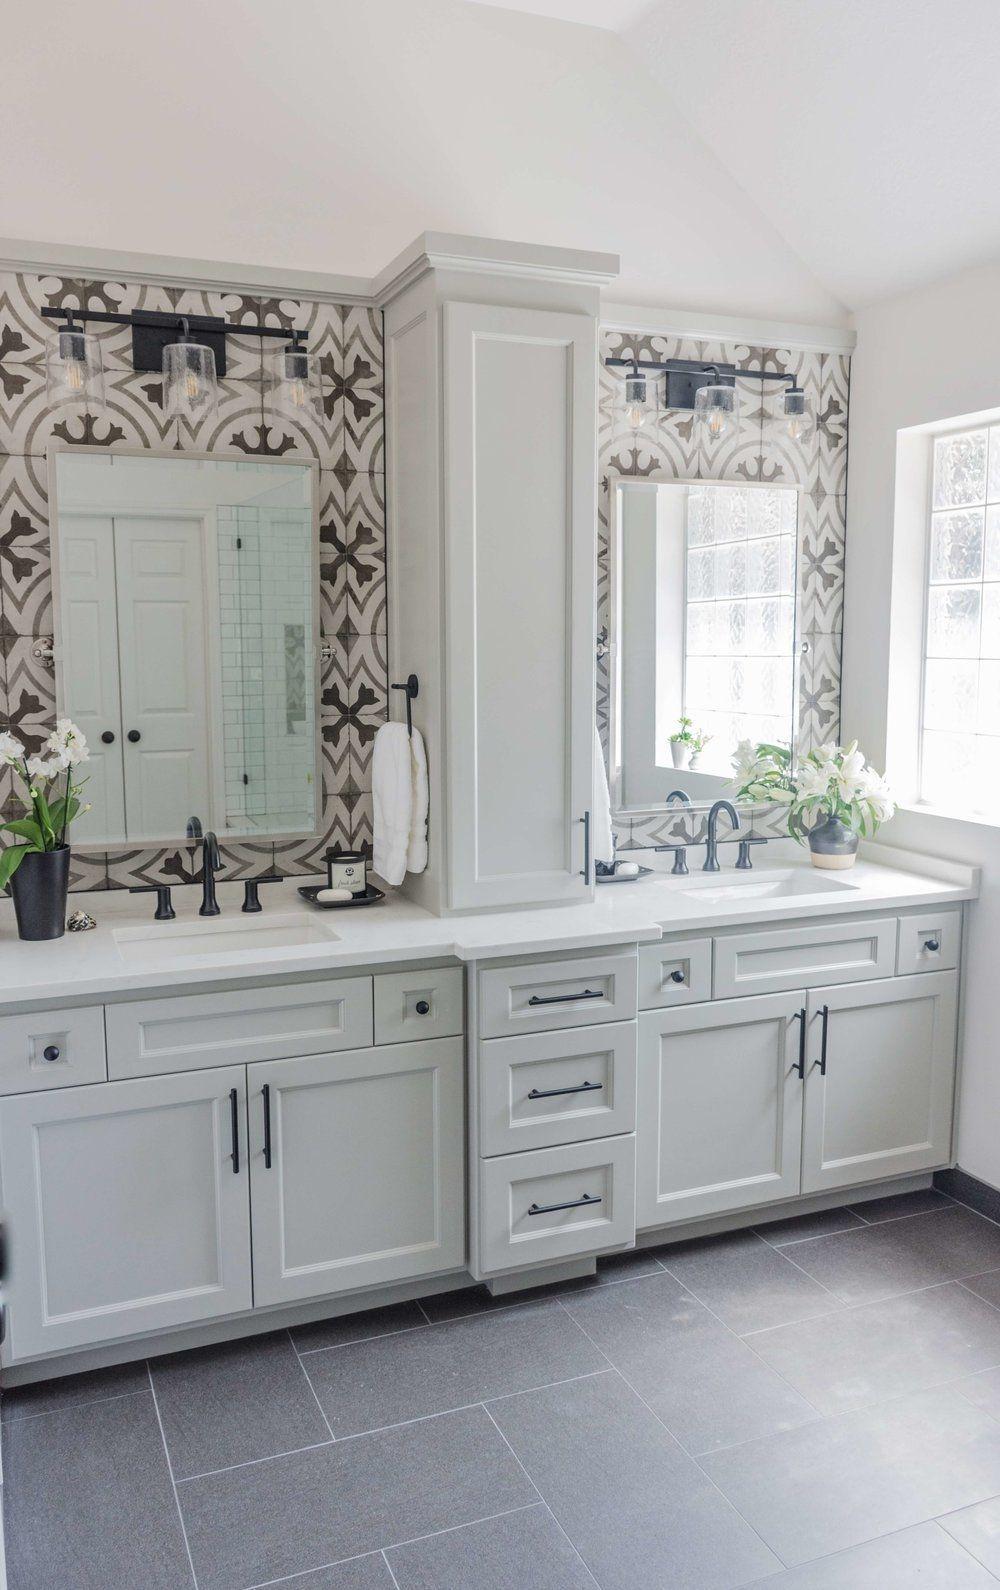 Minimalist Master Bathroom Remodel Ideas26